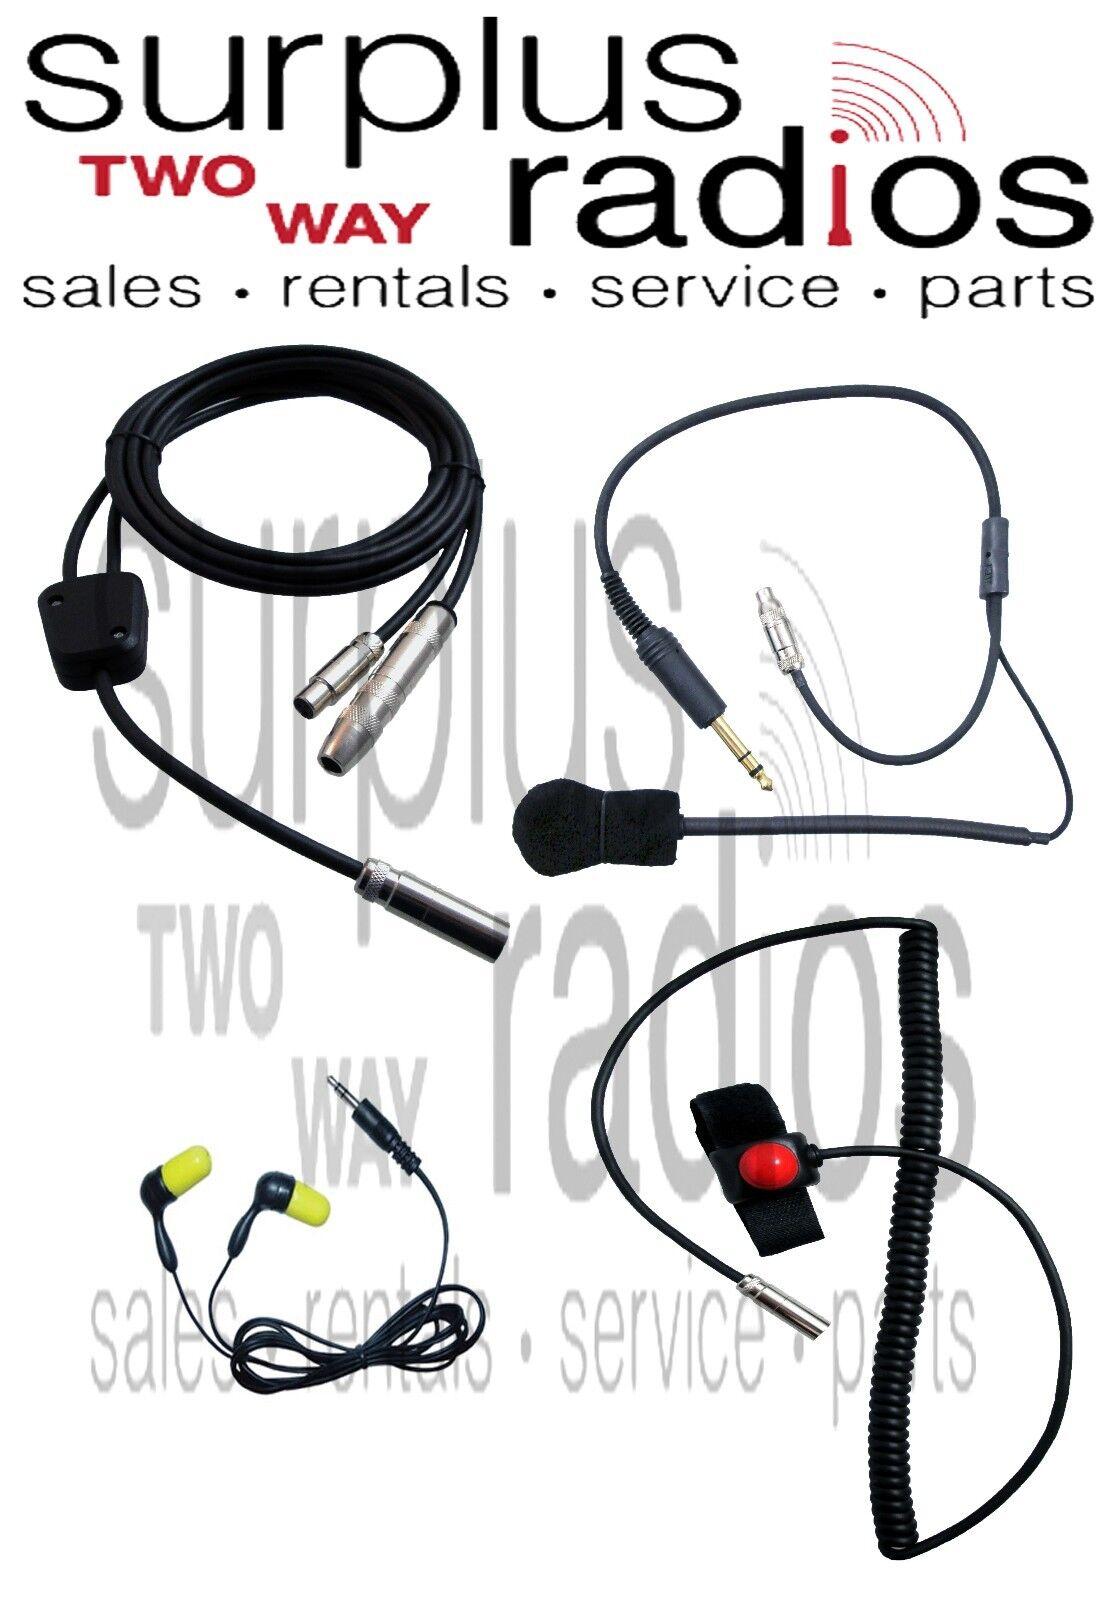 NASCAR RACING RADIO KIT PTT HELMET KIT EAR PLUG HARNESS MOTOROLA ICOM